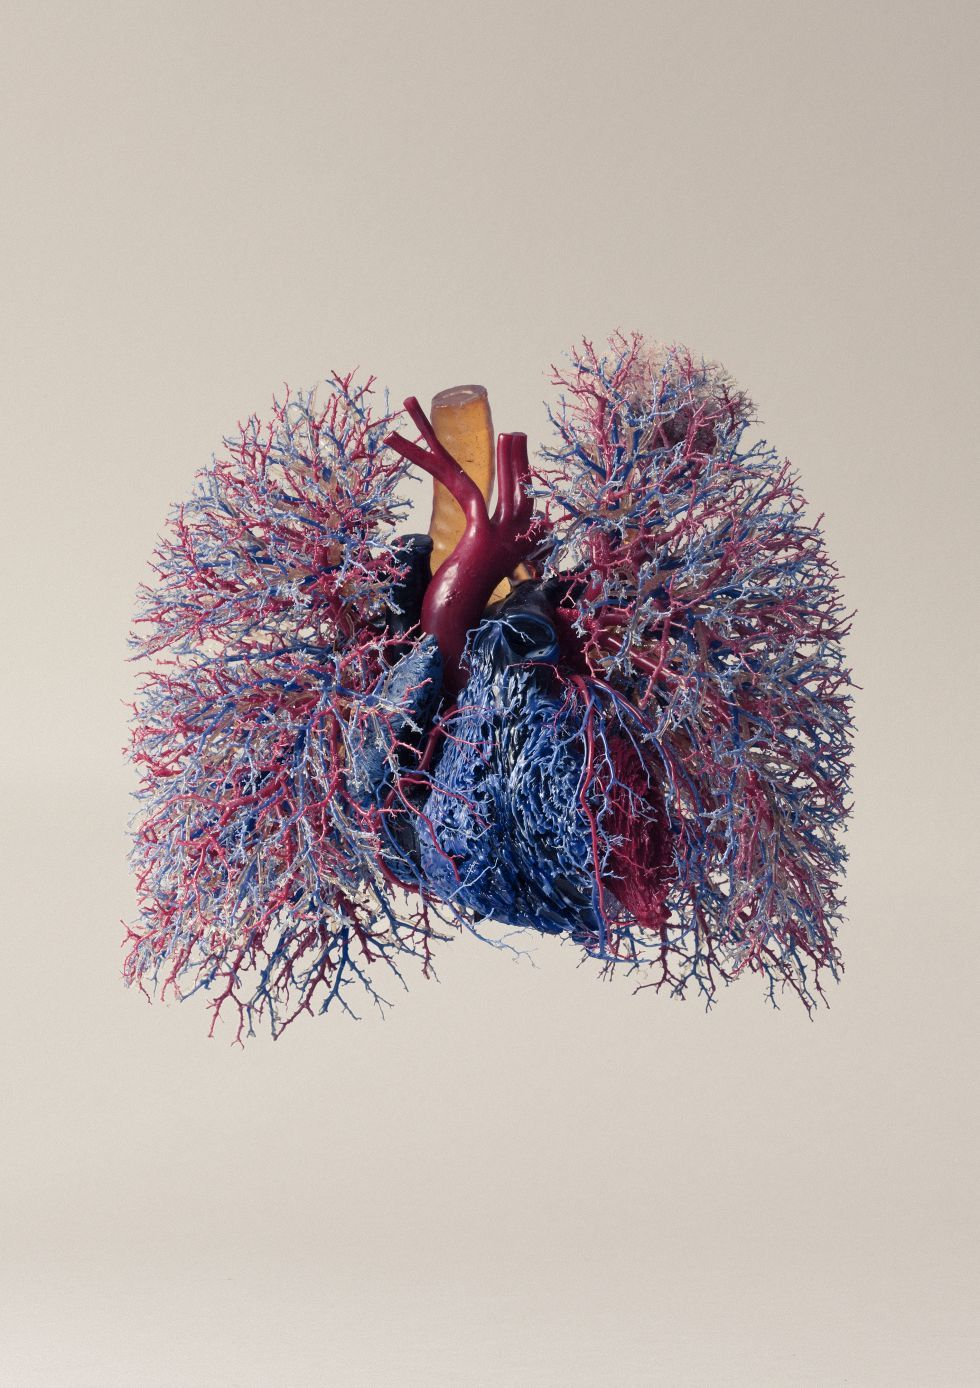 Vascularización del corazón y los pulmones. Imagen de Joakim ...